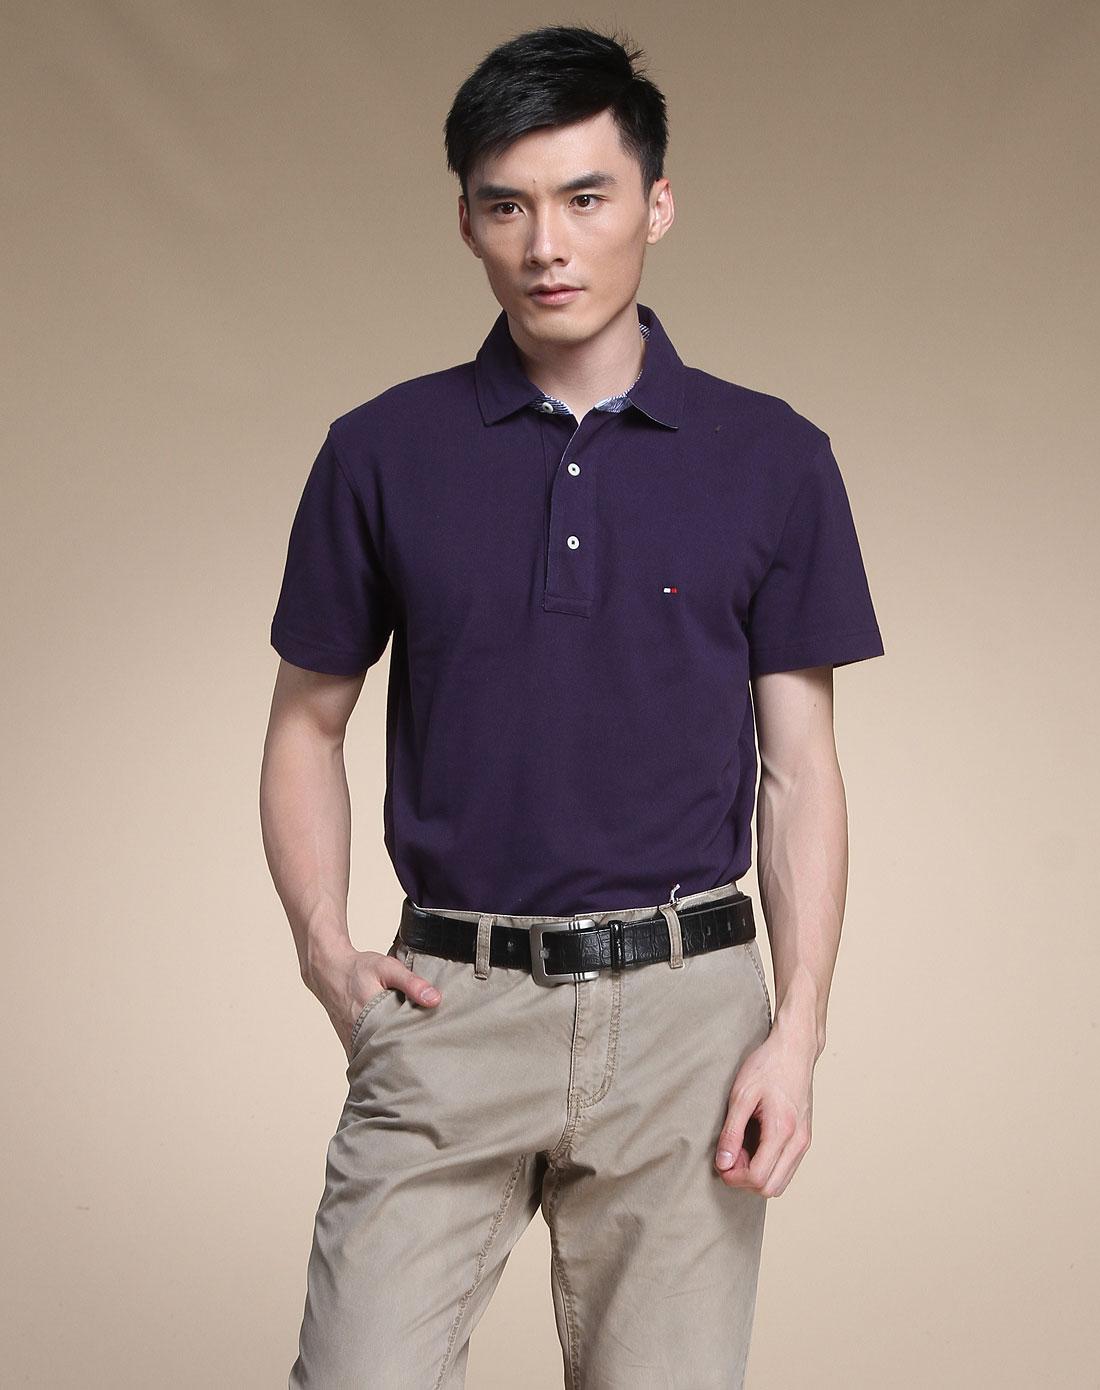 汤美费格tommy hilfiger男女装混合专场-紫色时尚商务短袖翻领t恤